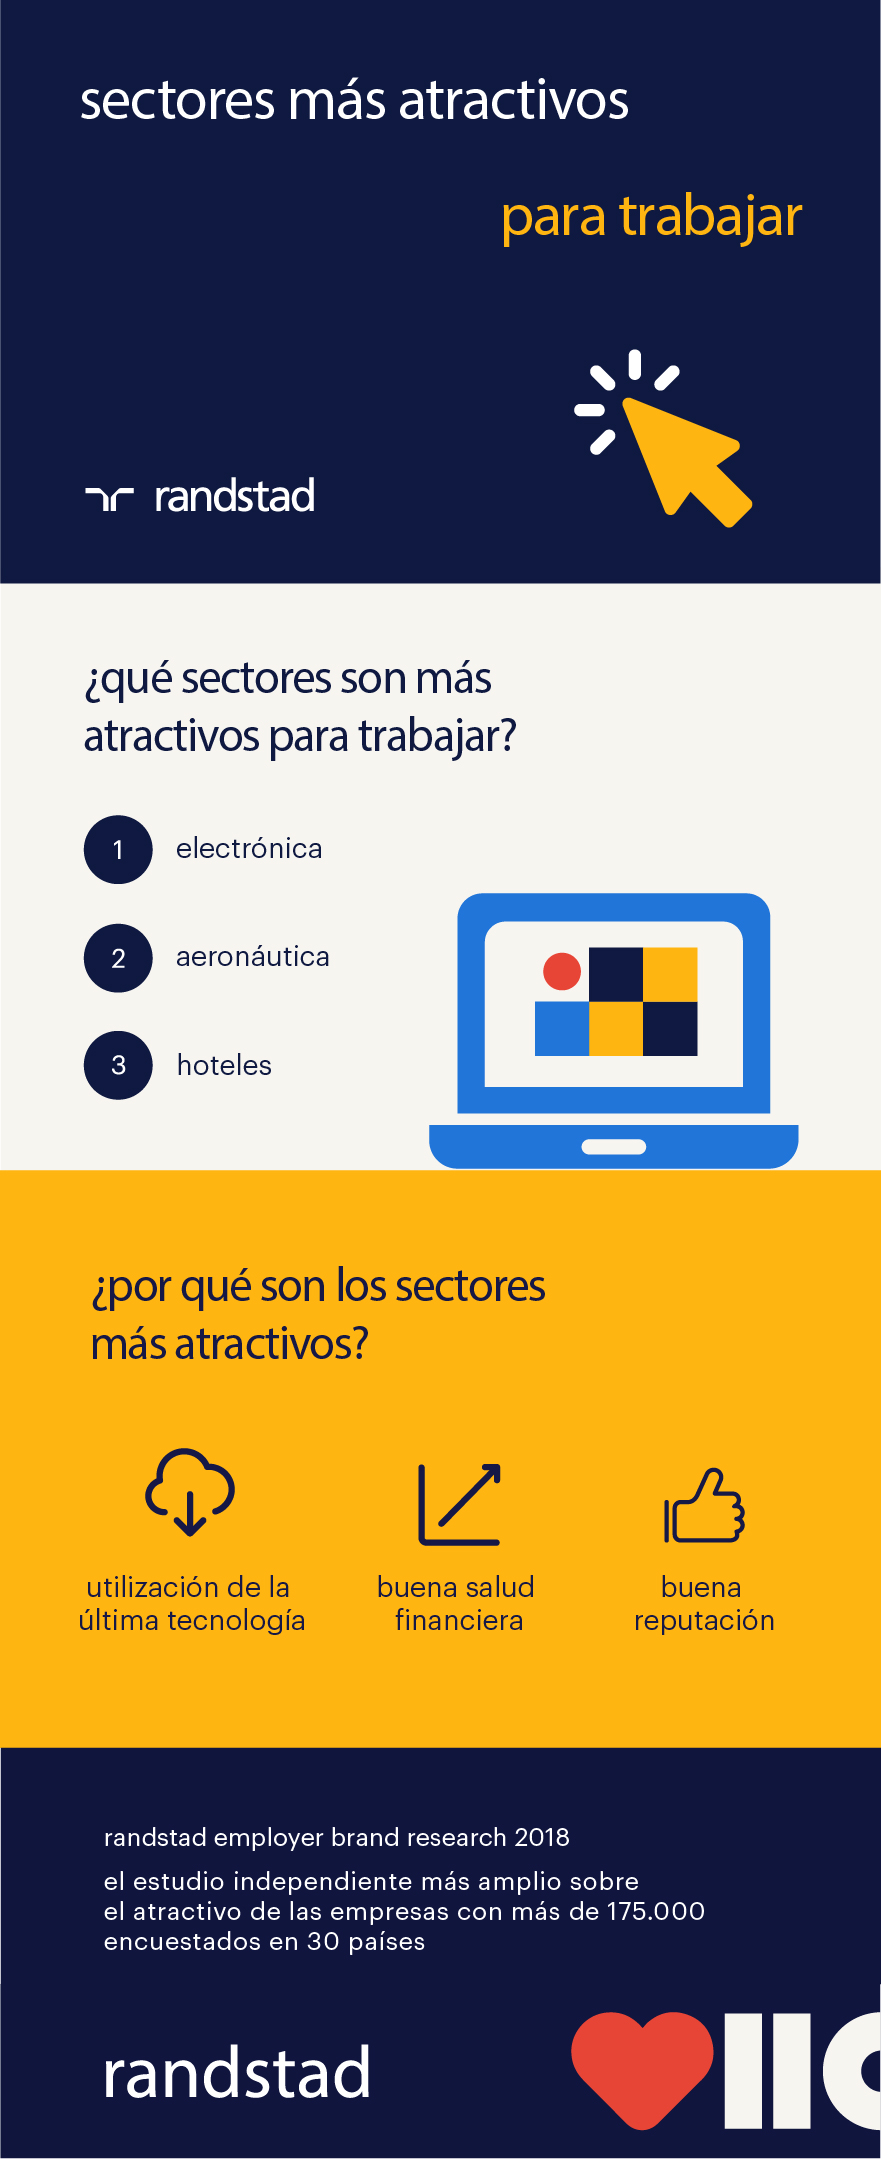 infografía sectores más atractivos para trabajar | REBR18